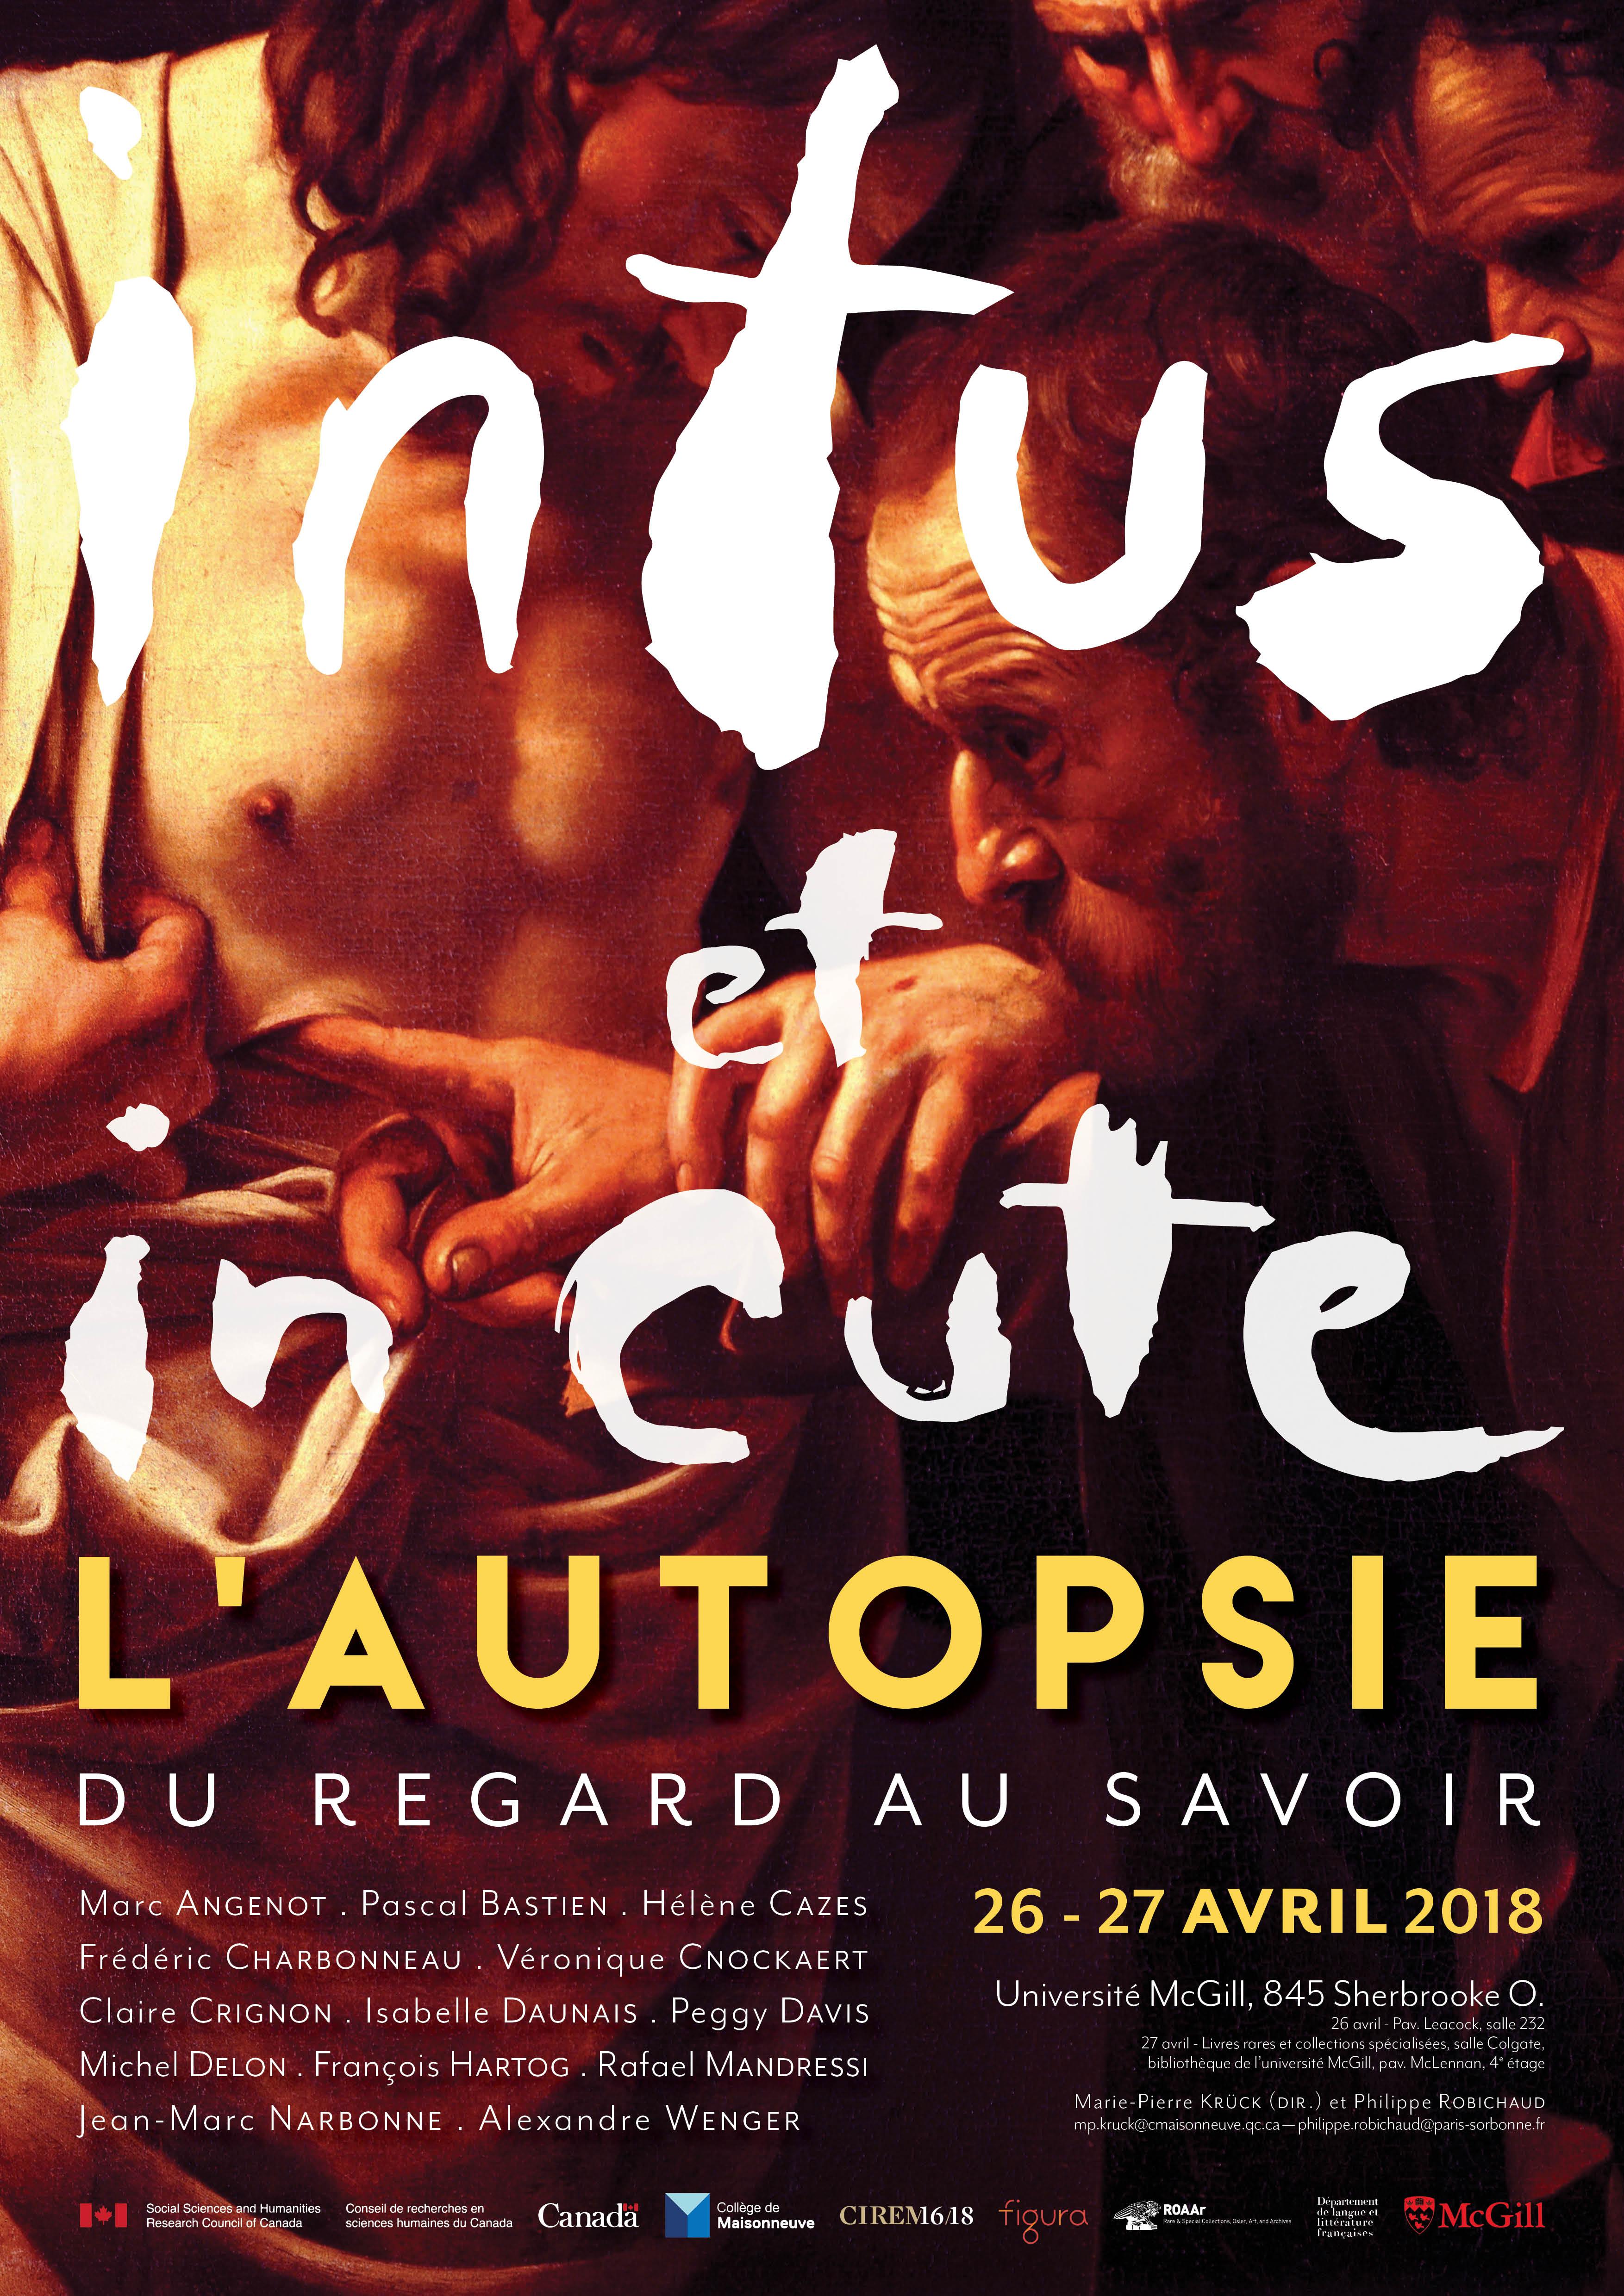 Intus et in cute. L'autopsie du regard au savoir (McGill, Montréal)